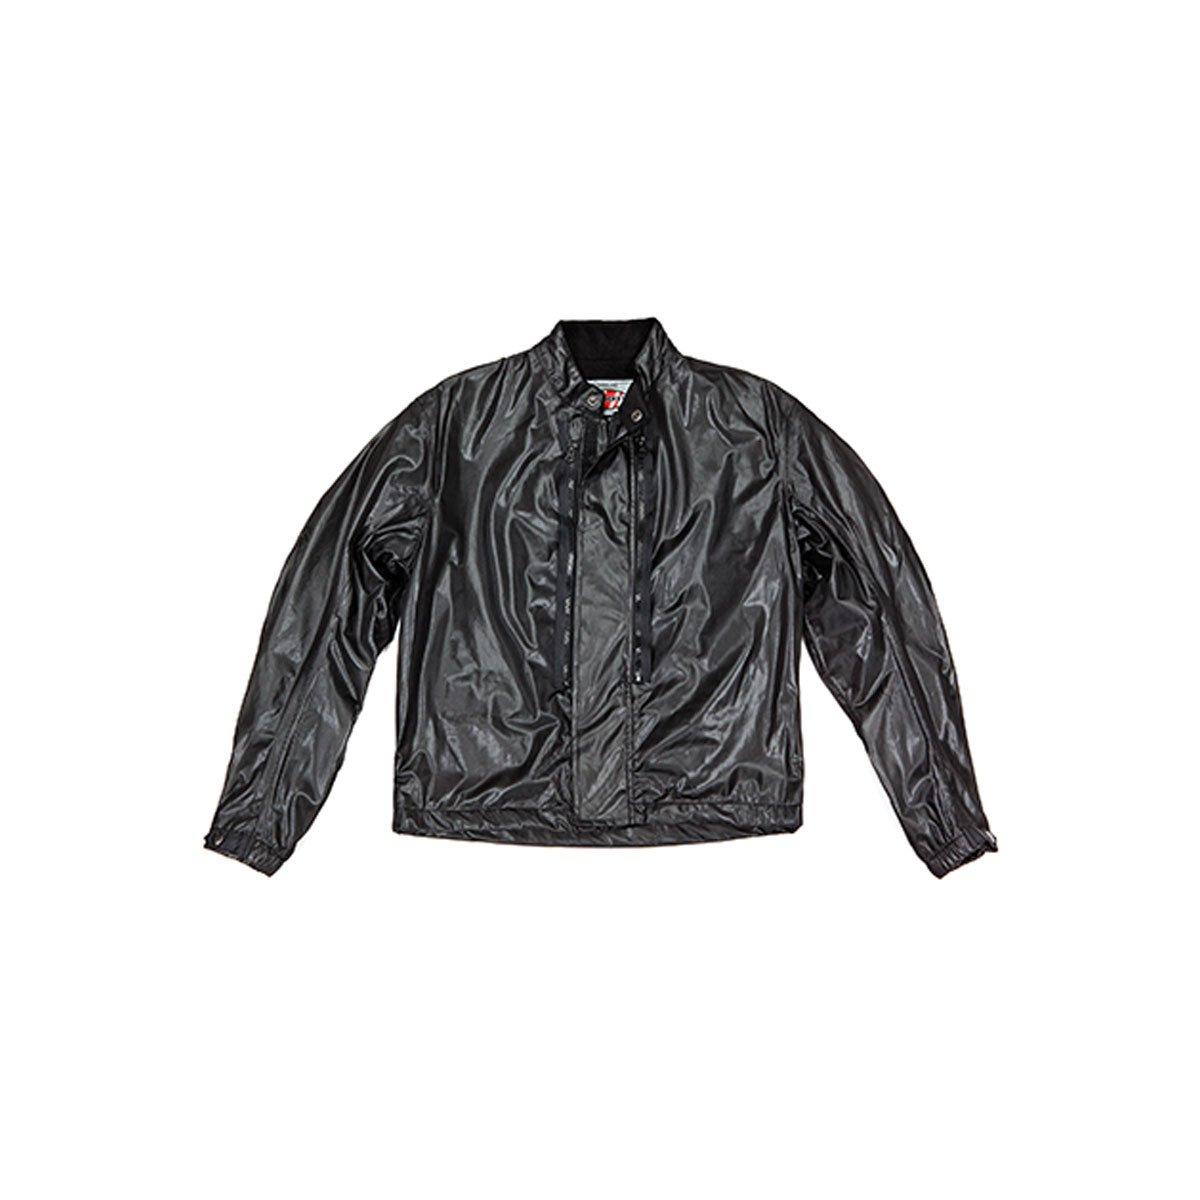 Joe Rocket Drytech Liner Men's Textile Sports Bike Racing Motorcycle Jacket - Black / X-Large